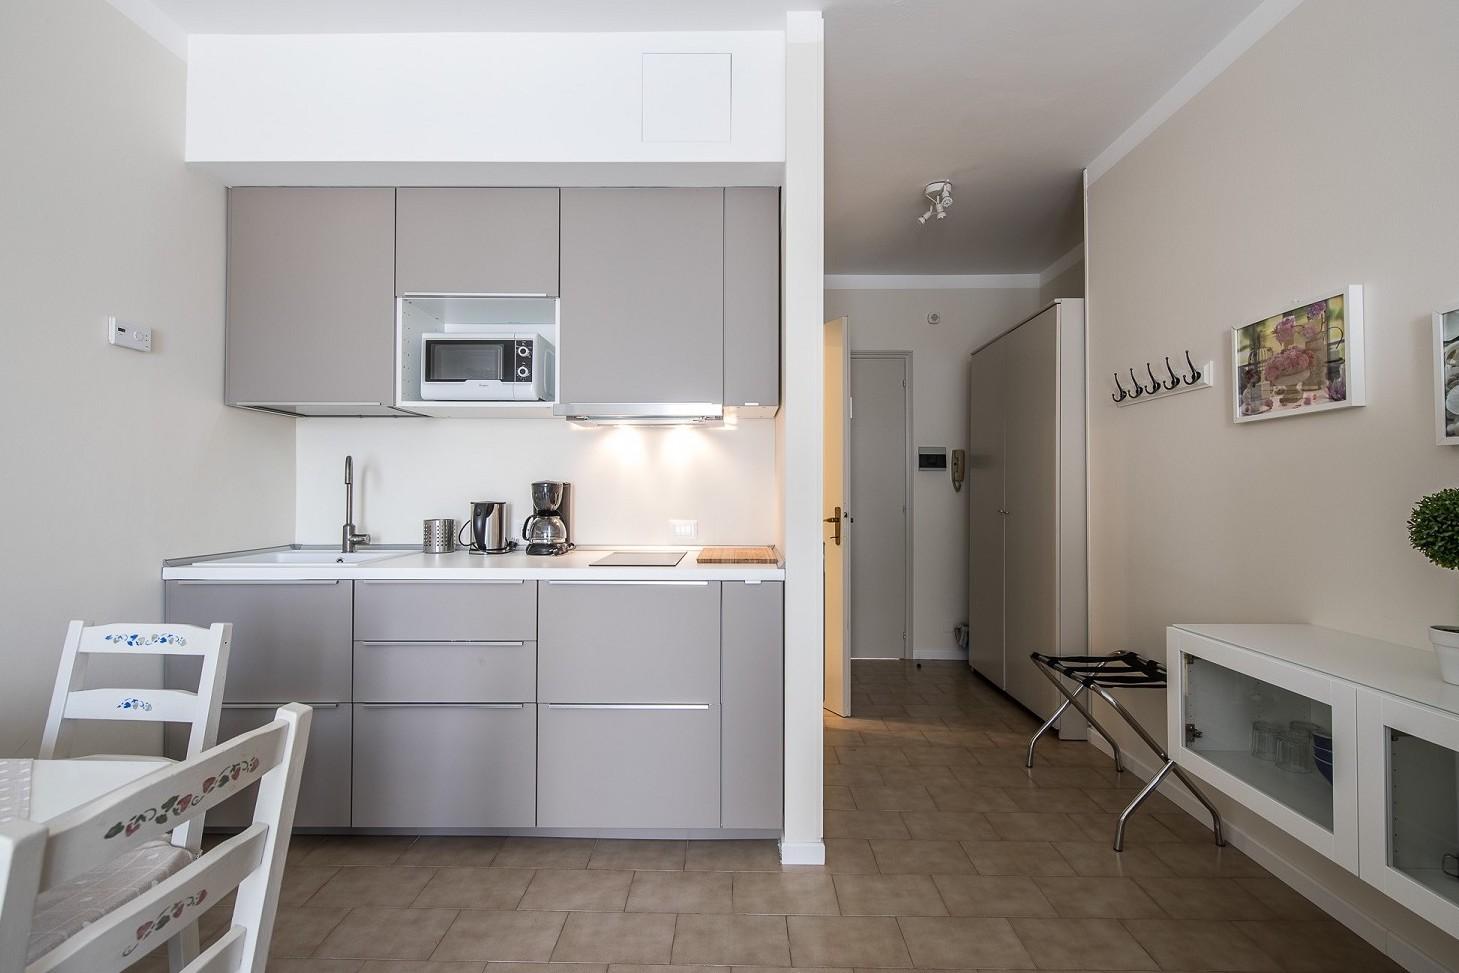 Cosa fare se inquilino danneggia e rovina appartamento in affitto. Chi e cosa deve pagare